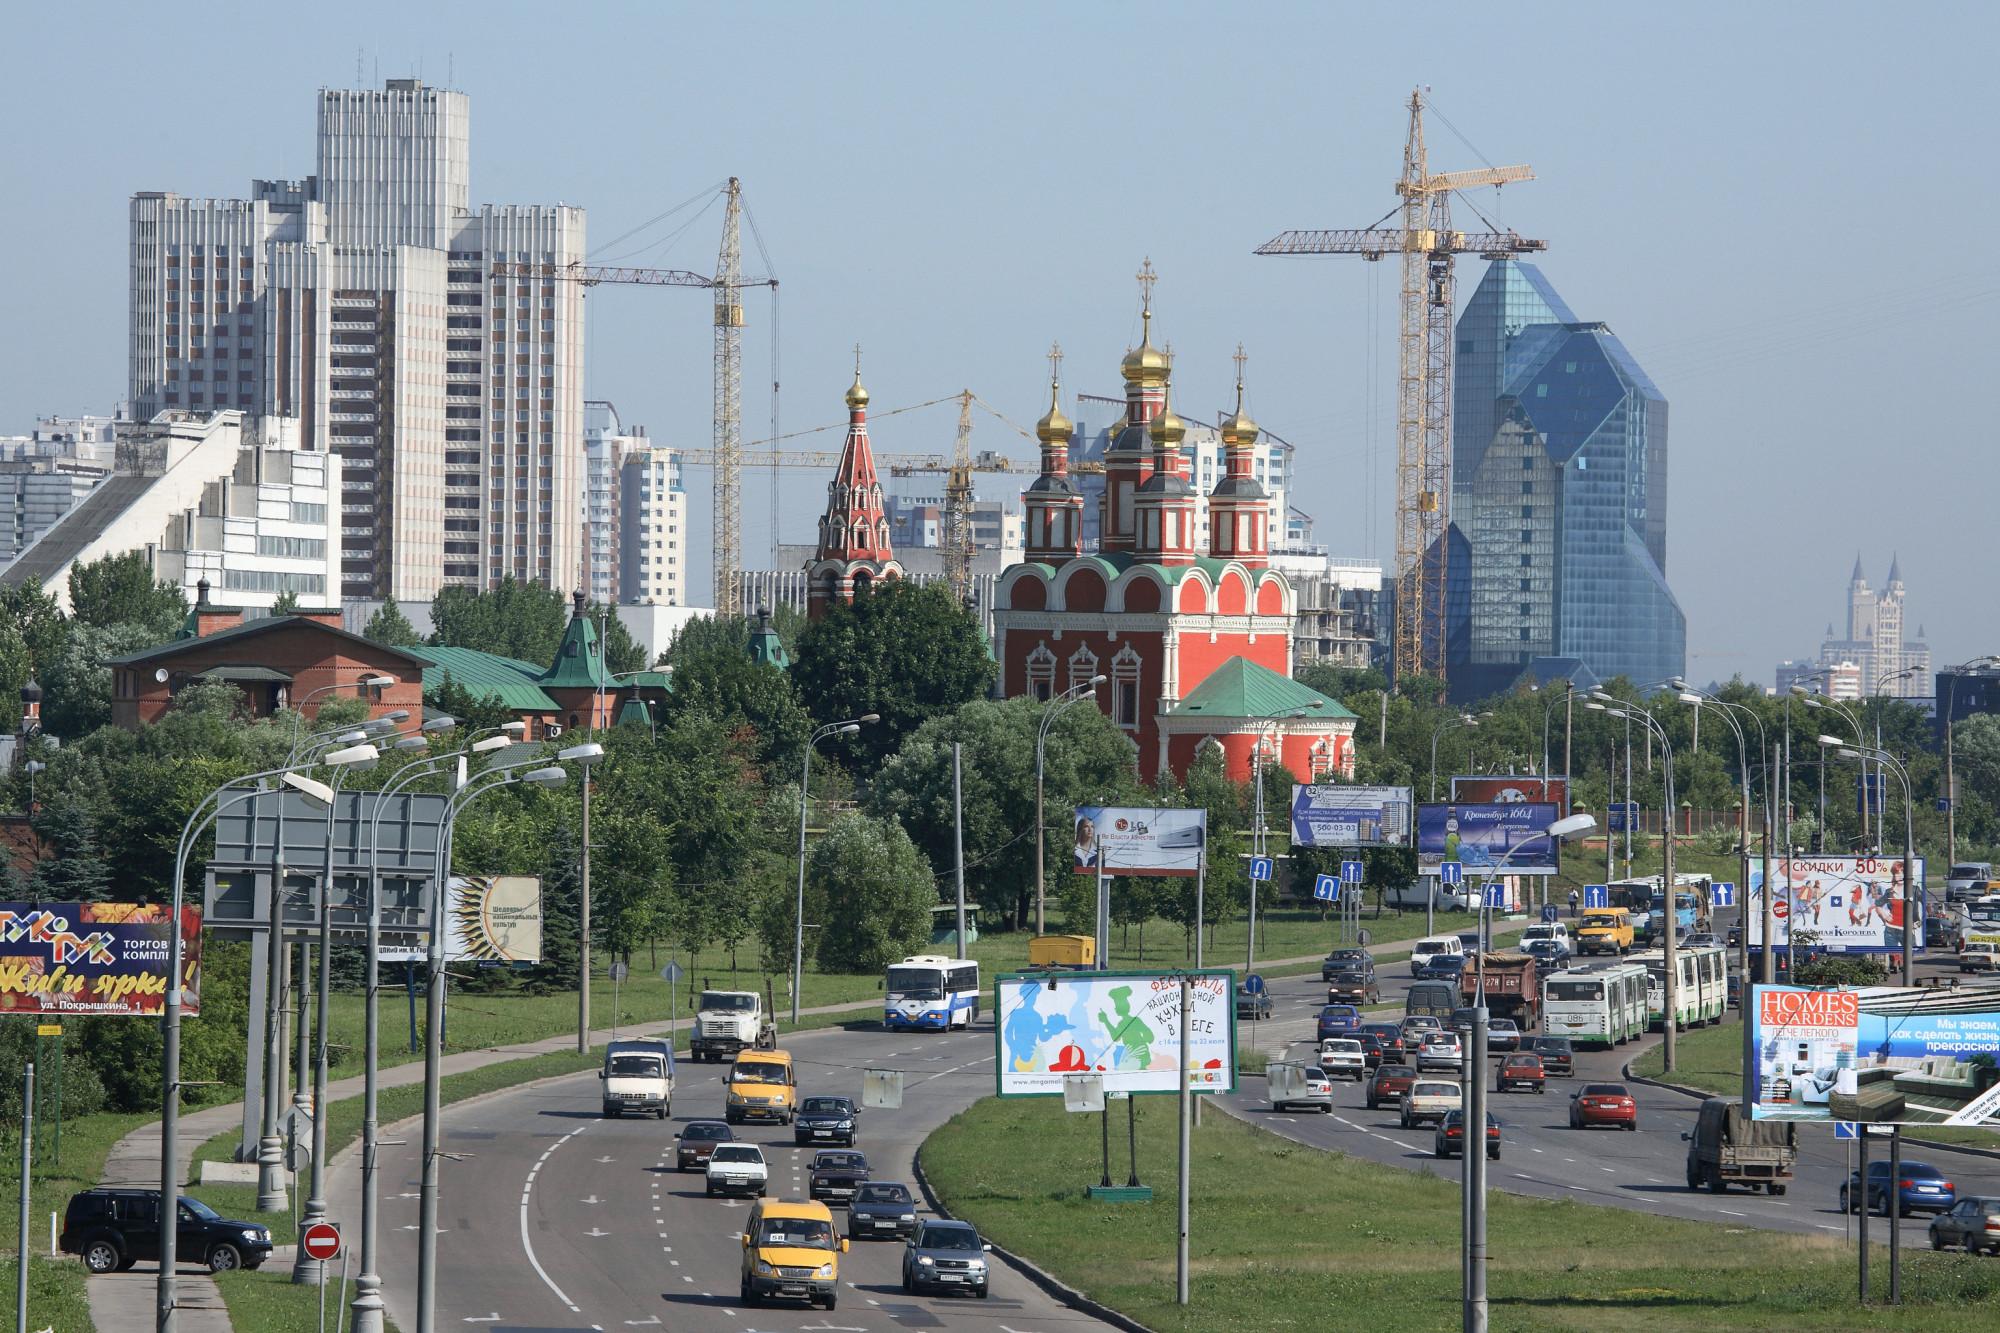 2002 Церковь Архангела Михаила на проспекте Вернадского. Юрий Артамонов, РИА Новости